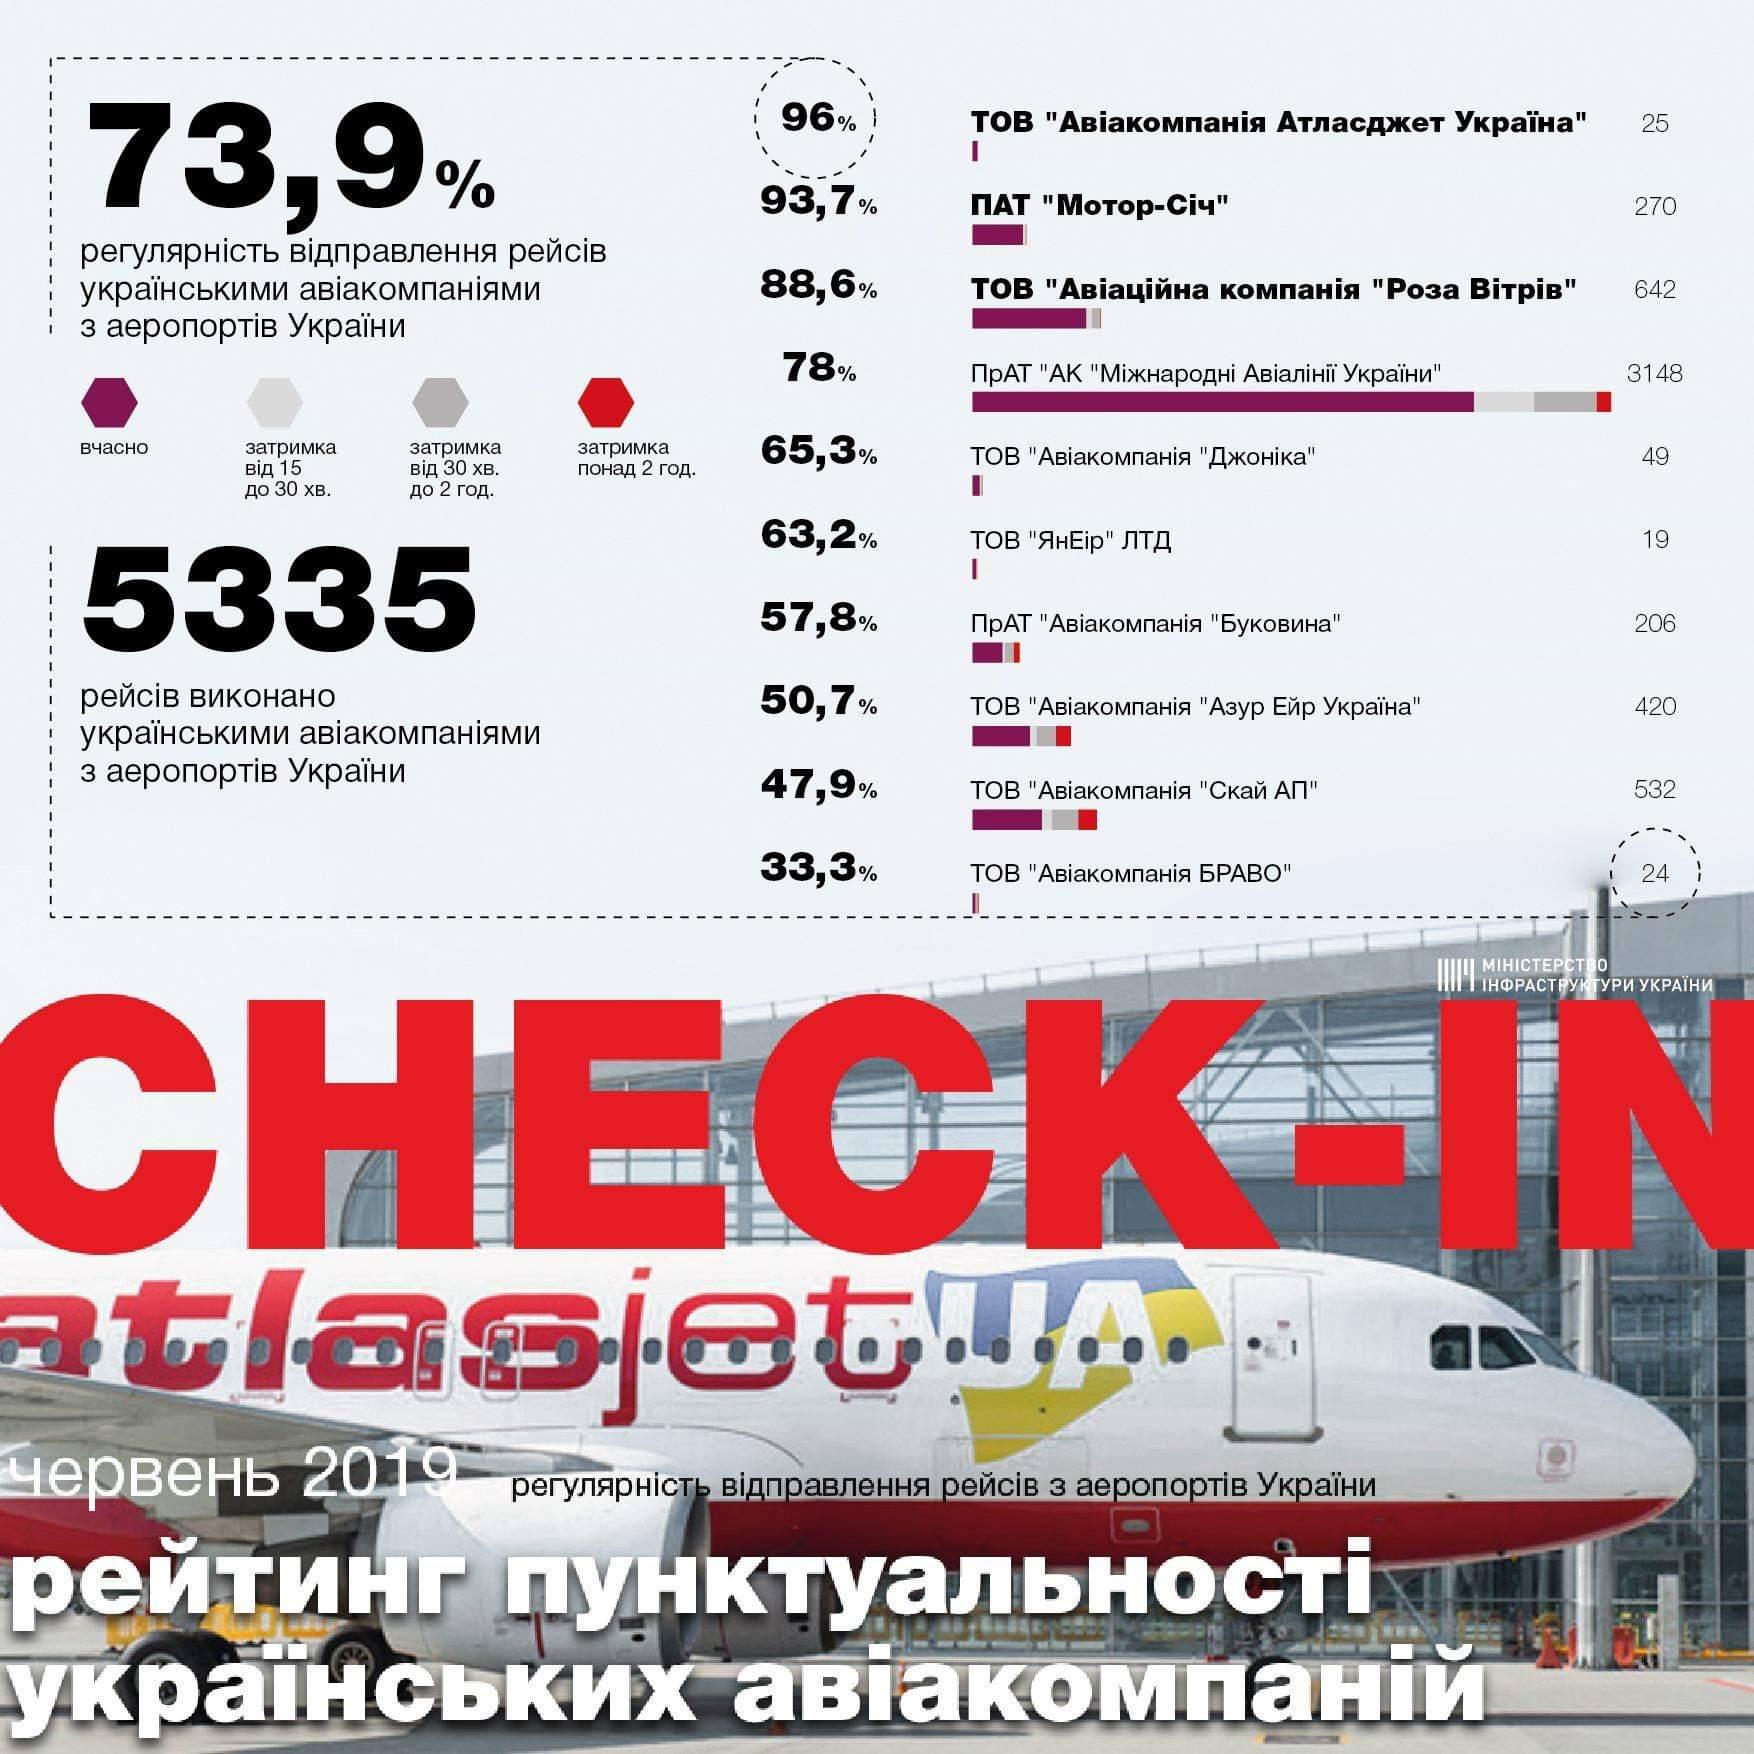 Рейтинг пунктуальности украинских авиакомпаний при вылете из аэропортов Украины в июне 2019 года